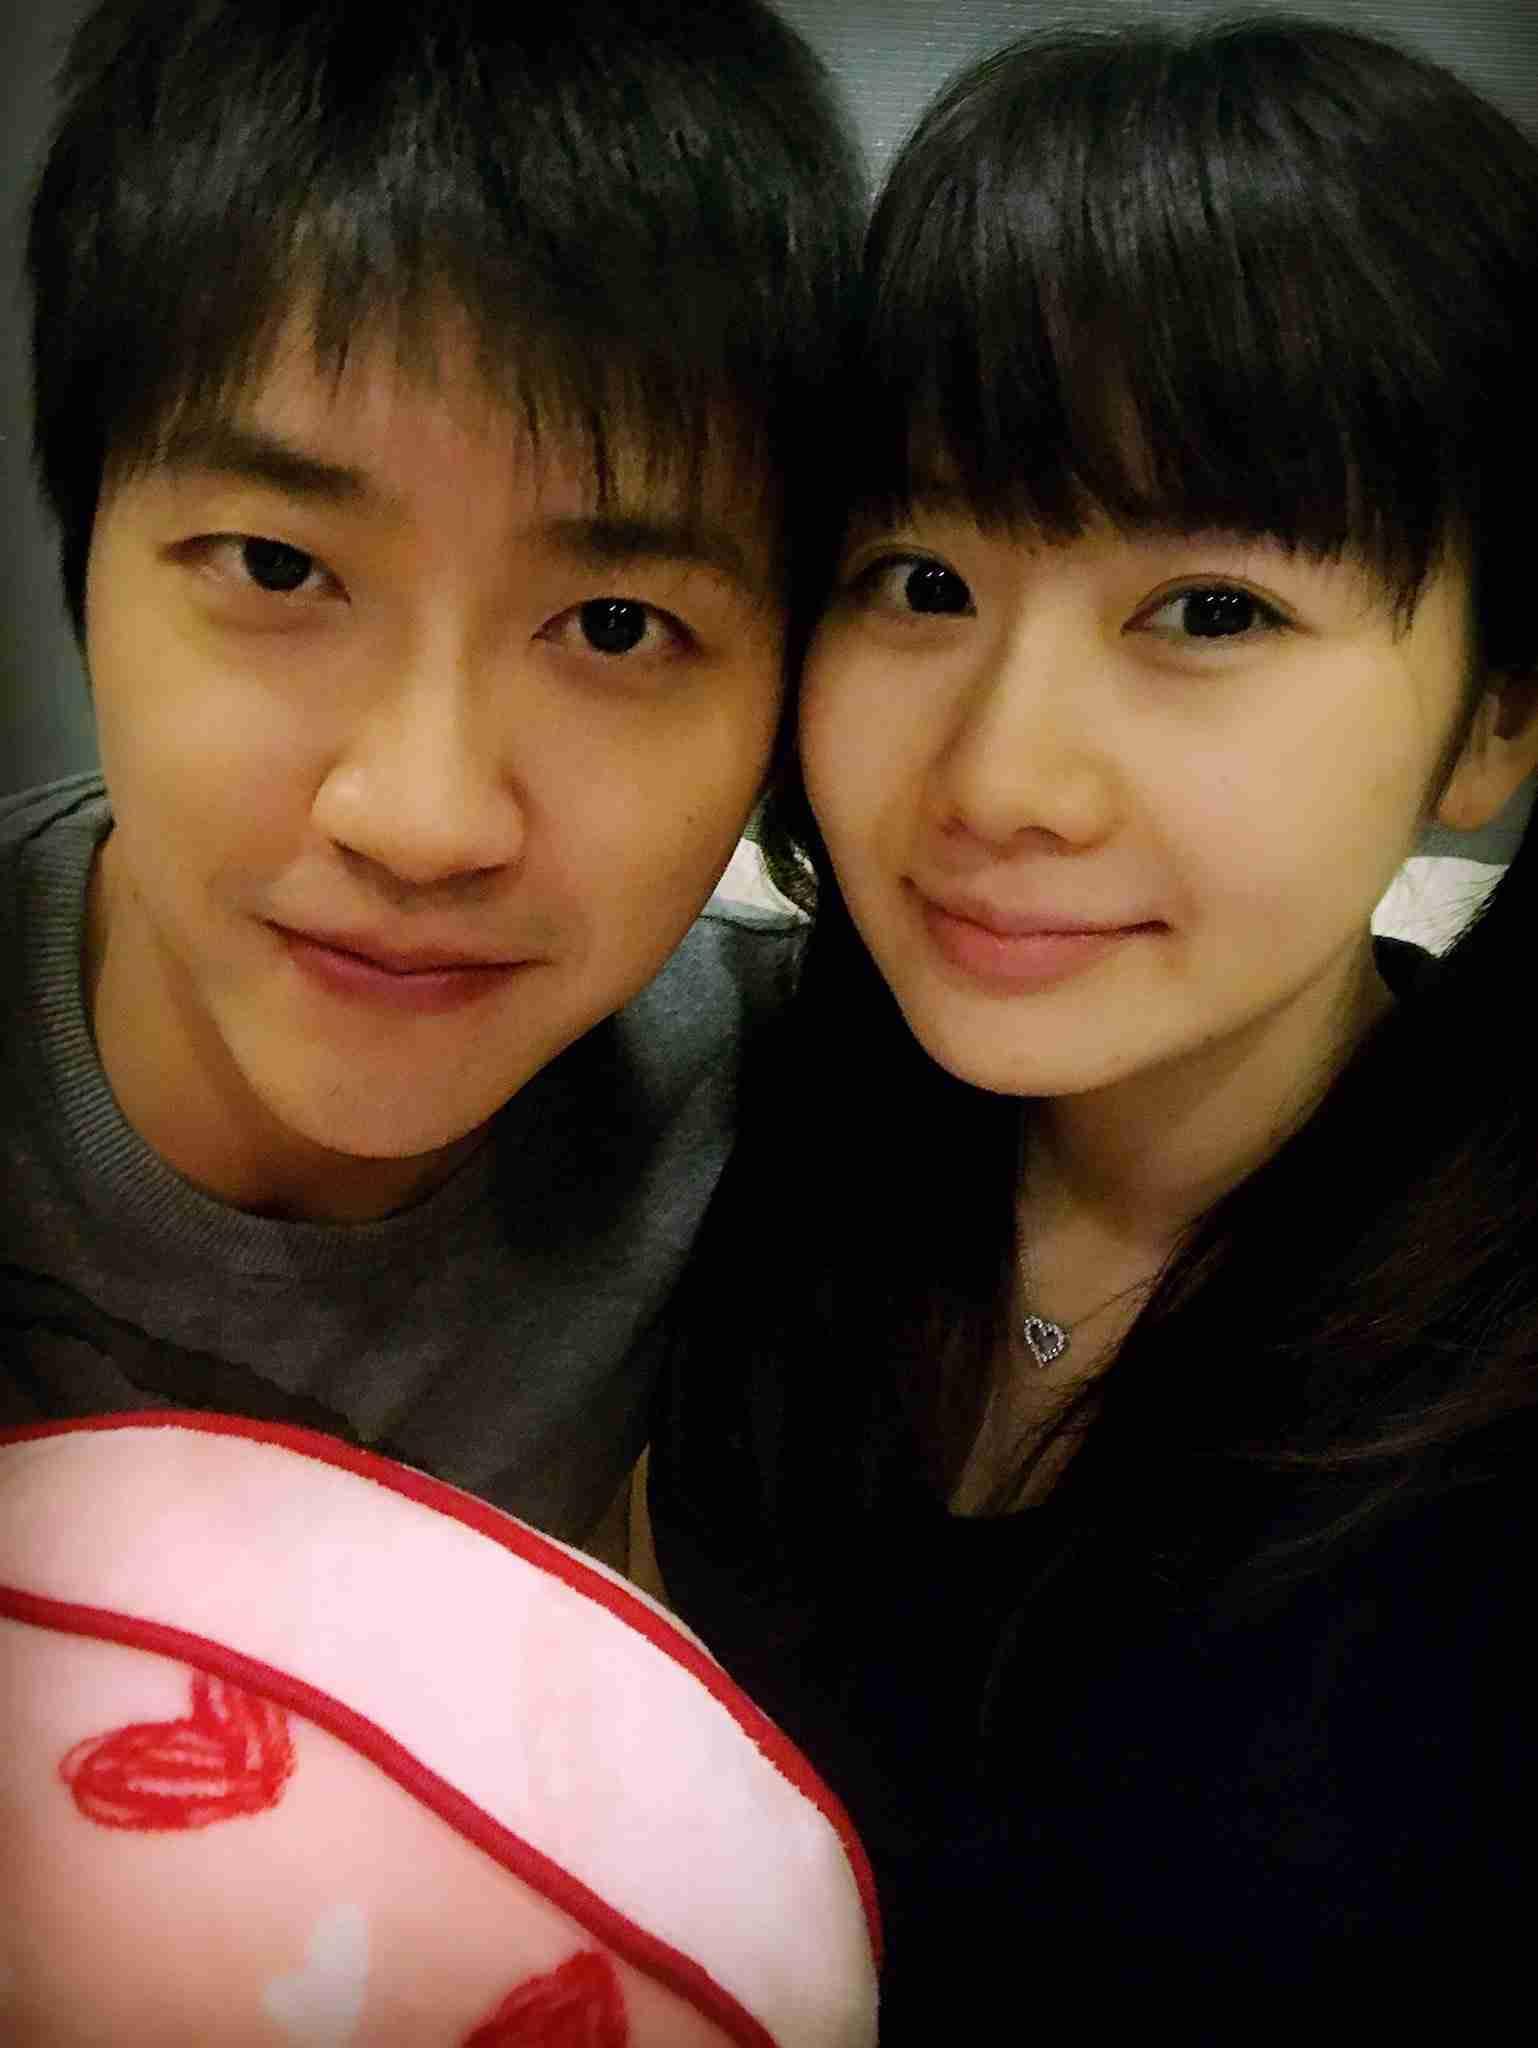 福原愛の「端午節おめでとう!」ツイート、中国ネットで「ふさわしくない」と物議